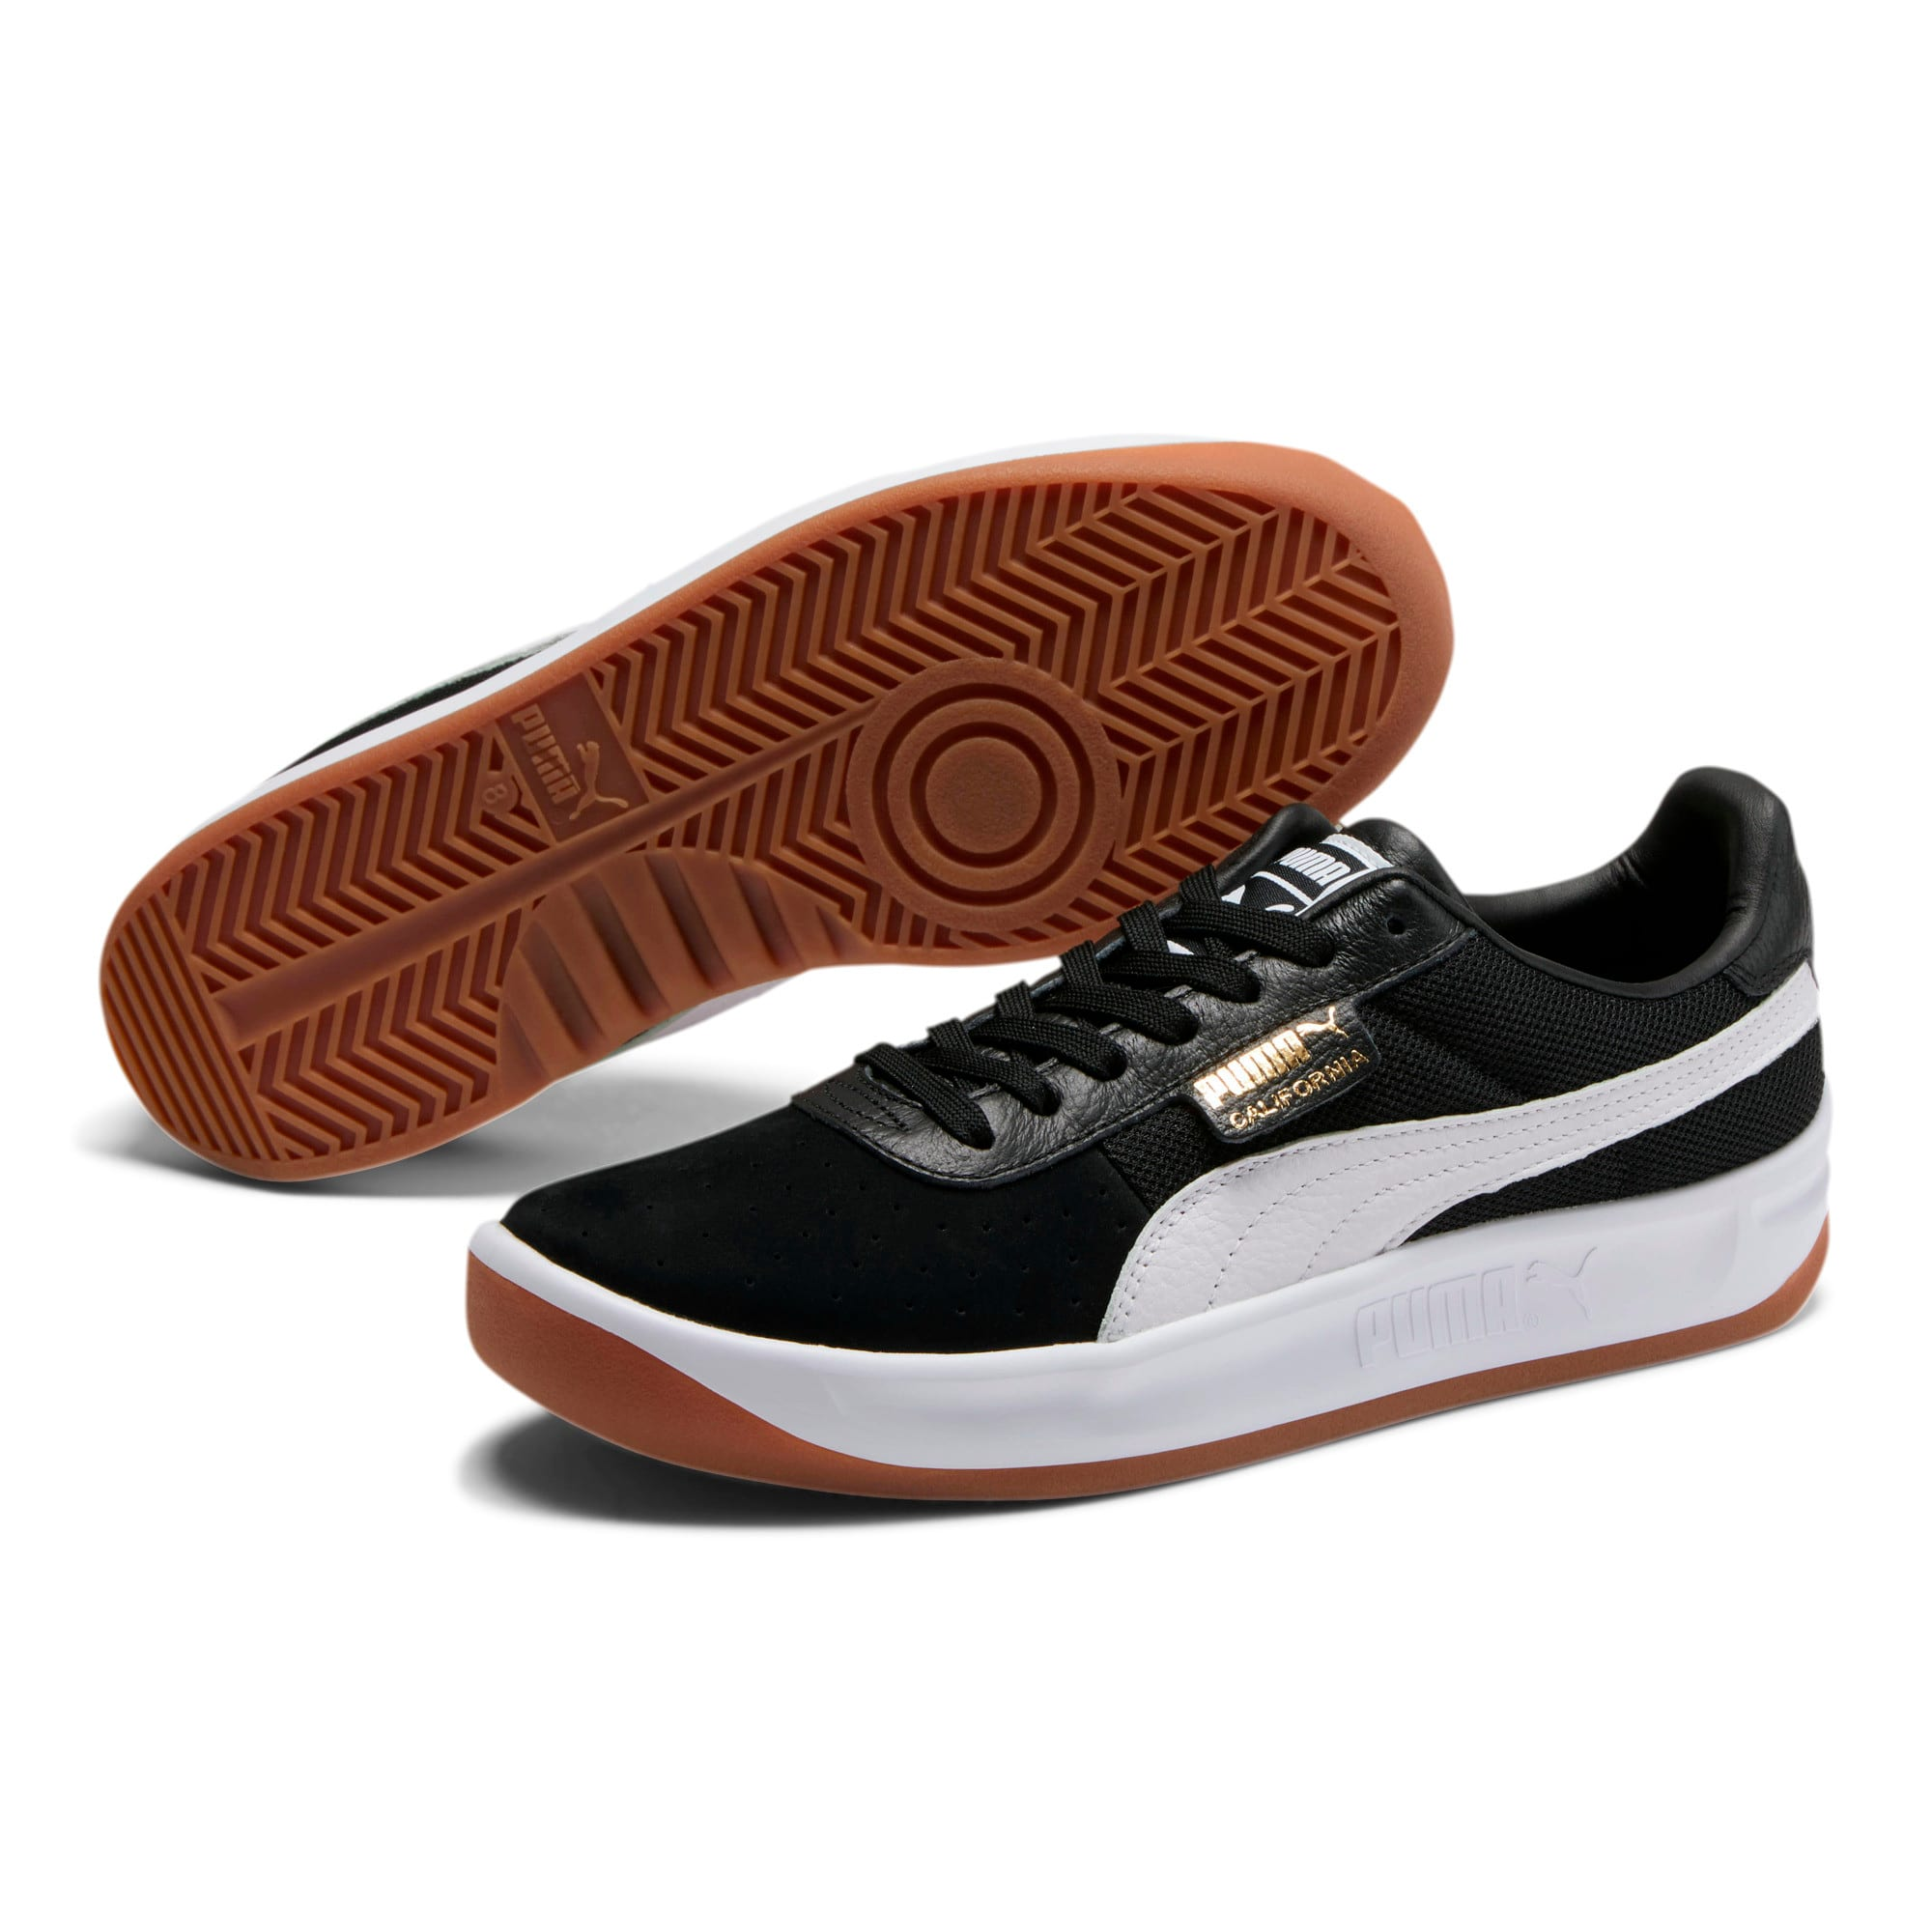 Miniatura 2 de Zapatos deportivosCalifornia Casual, Puma Black-Puma White, mediano